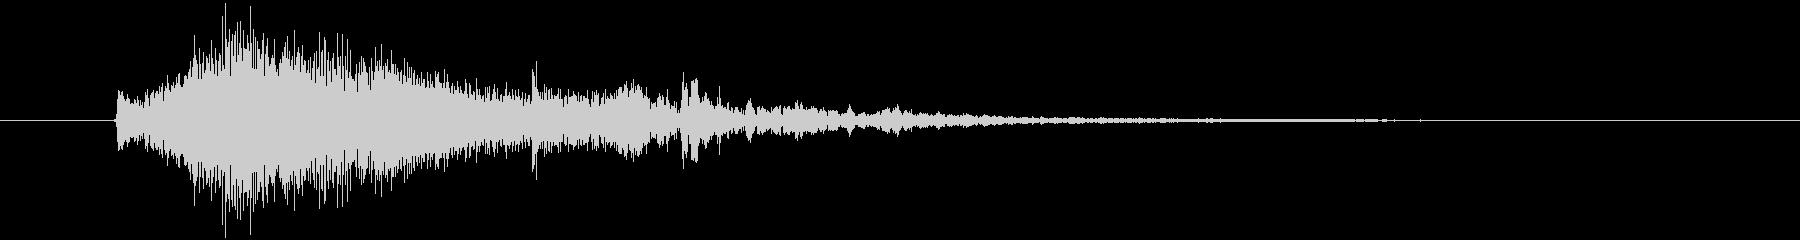 テロップ表示や場面転換に使えるかわいい音の未再生の波形